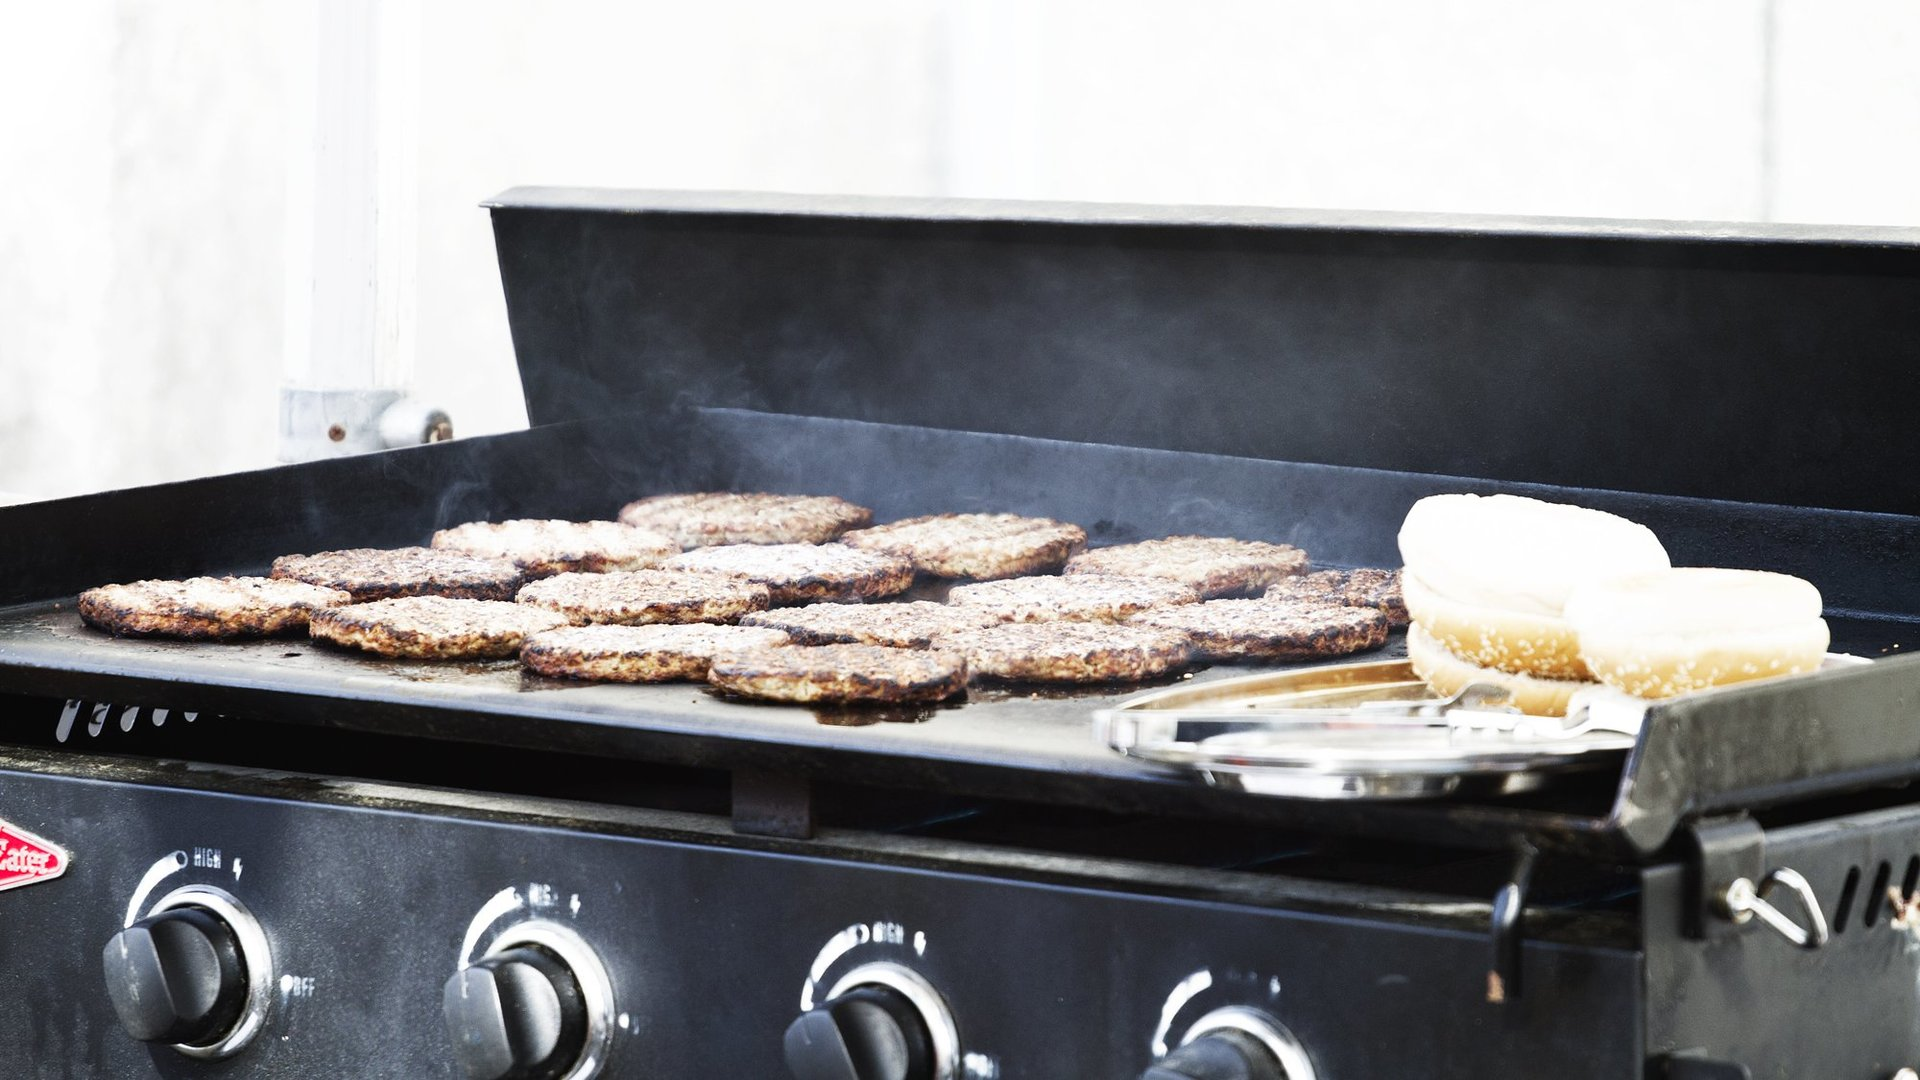 Annual Parish Barbecue